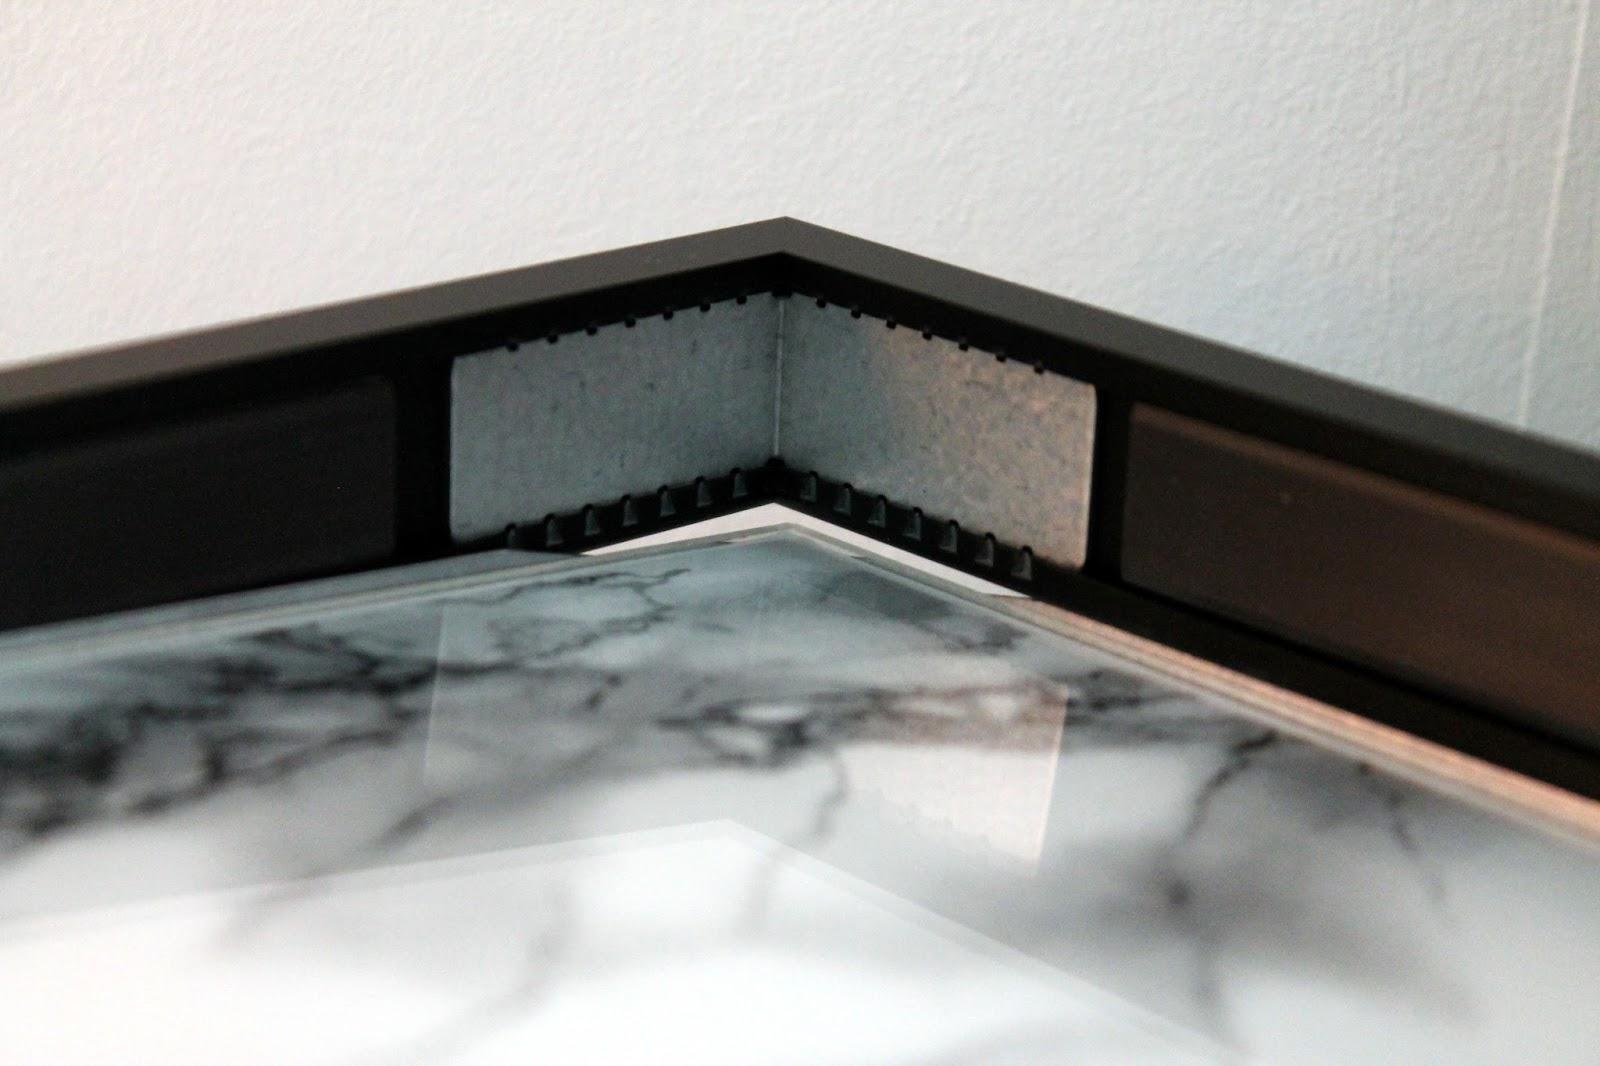 Magnet Bilderrahmen von HALBE - P A A P A T Y A